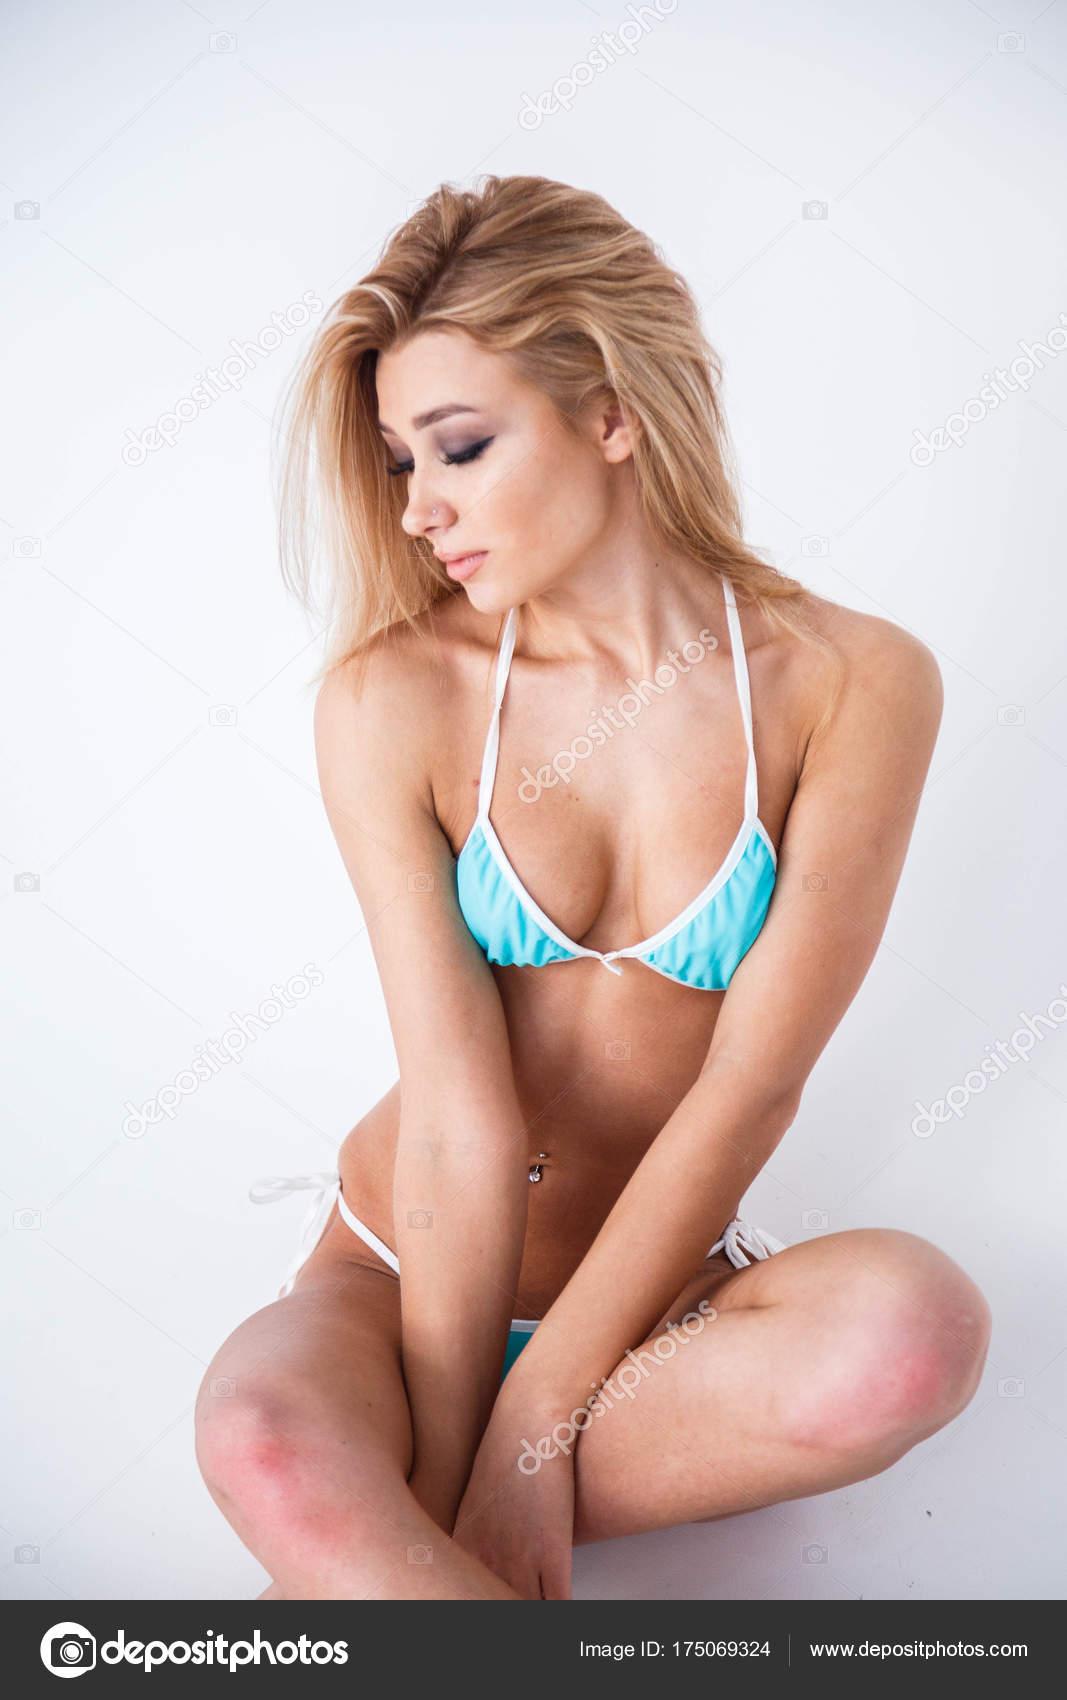 ochen-krasivaya-molodaya-blondinka-v-belom-bele-struyniy-orgazm-novinki-smotret-onlayn